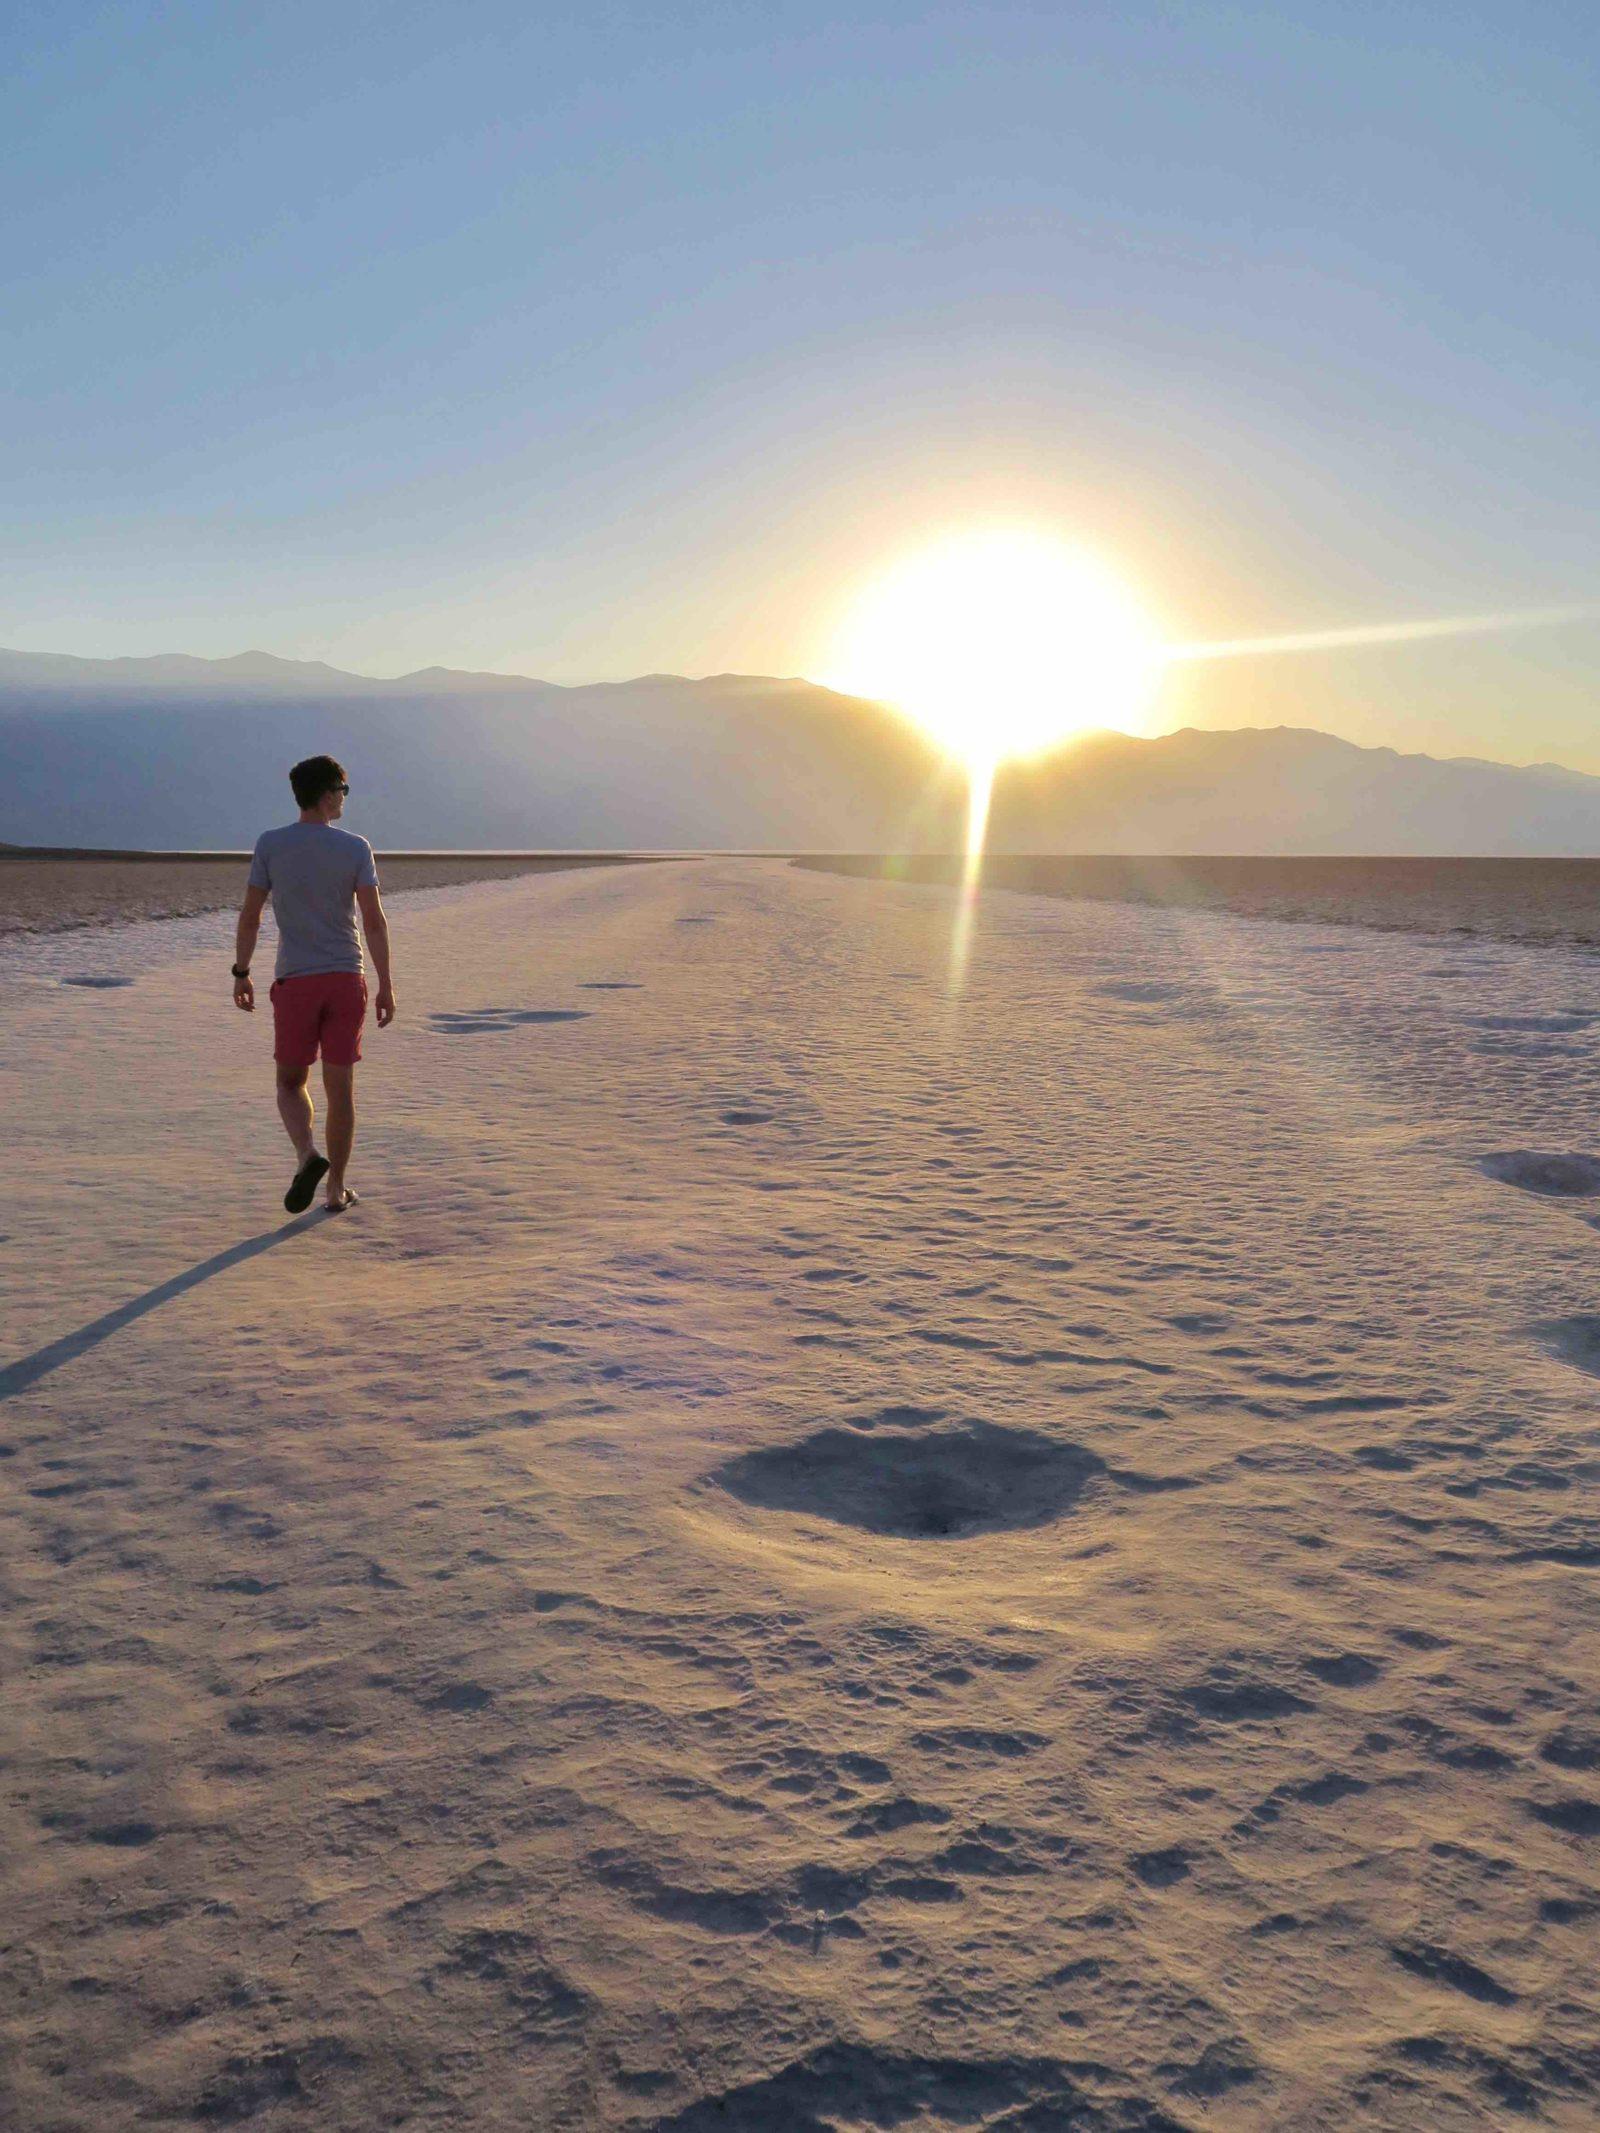 Loulou qui marche au dans le bad water bassin situé à moins 86 mètres sous le niveau de la mer